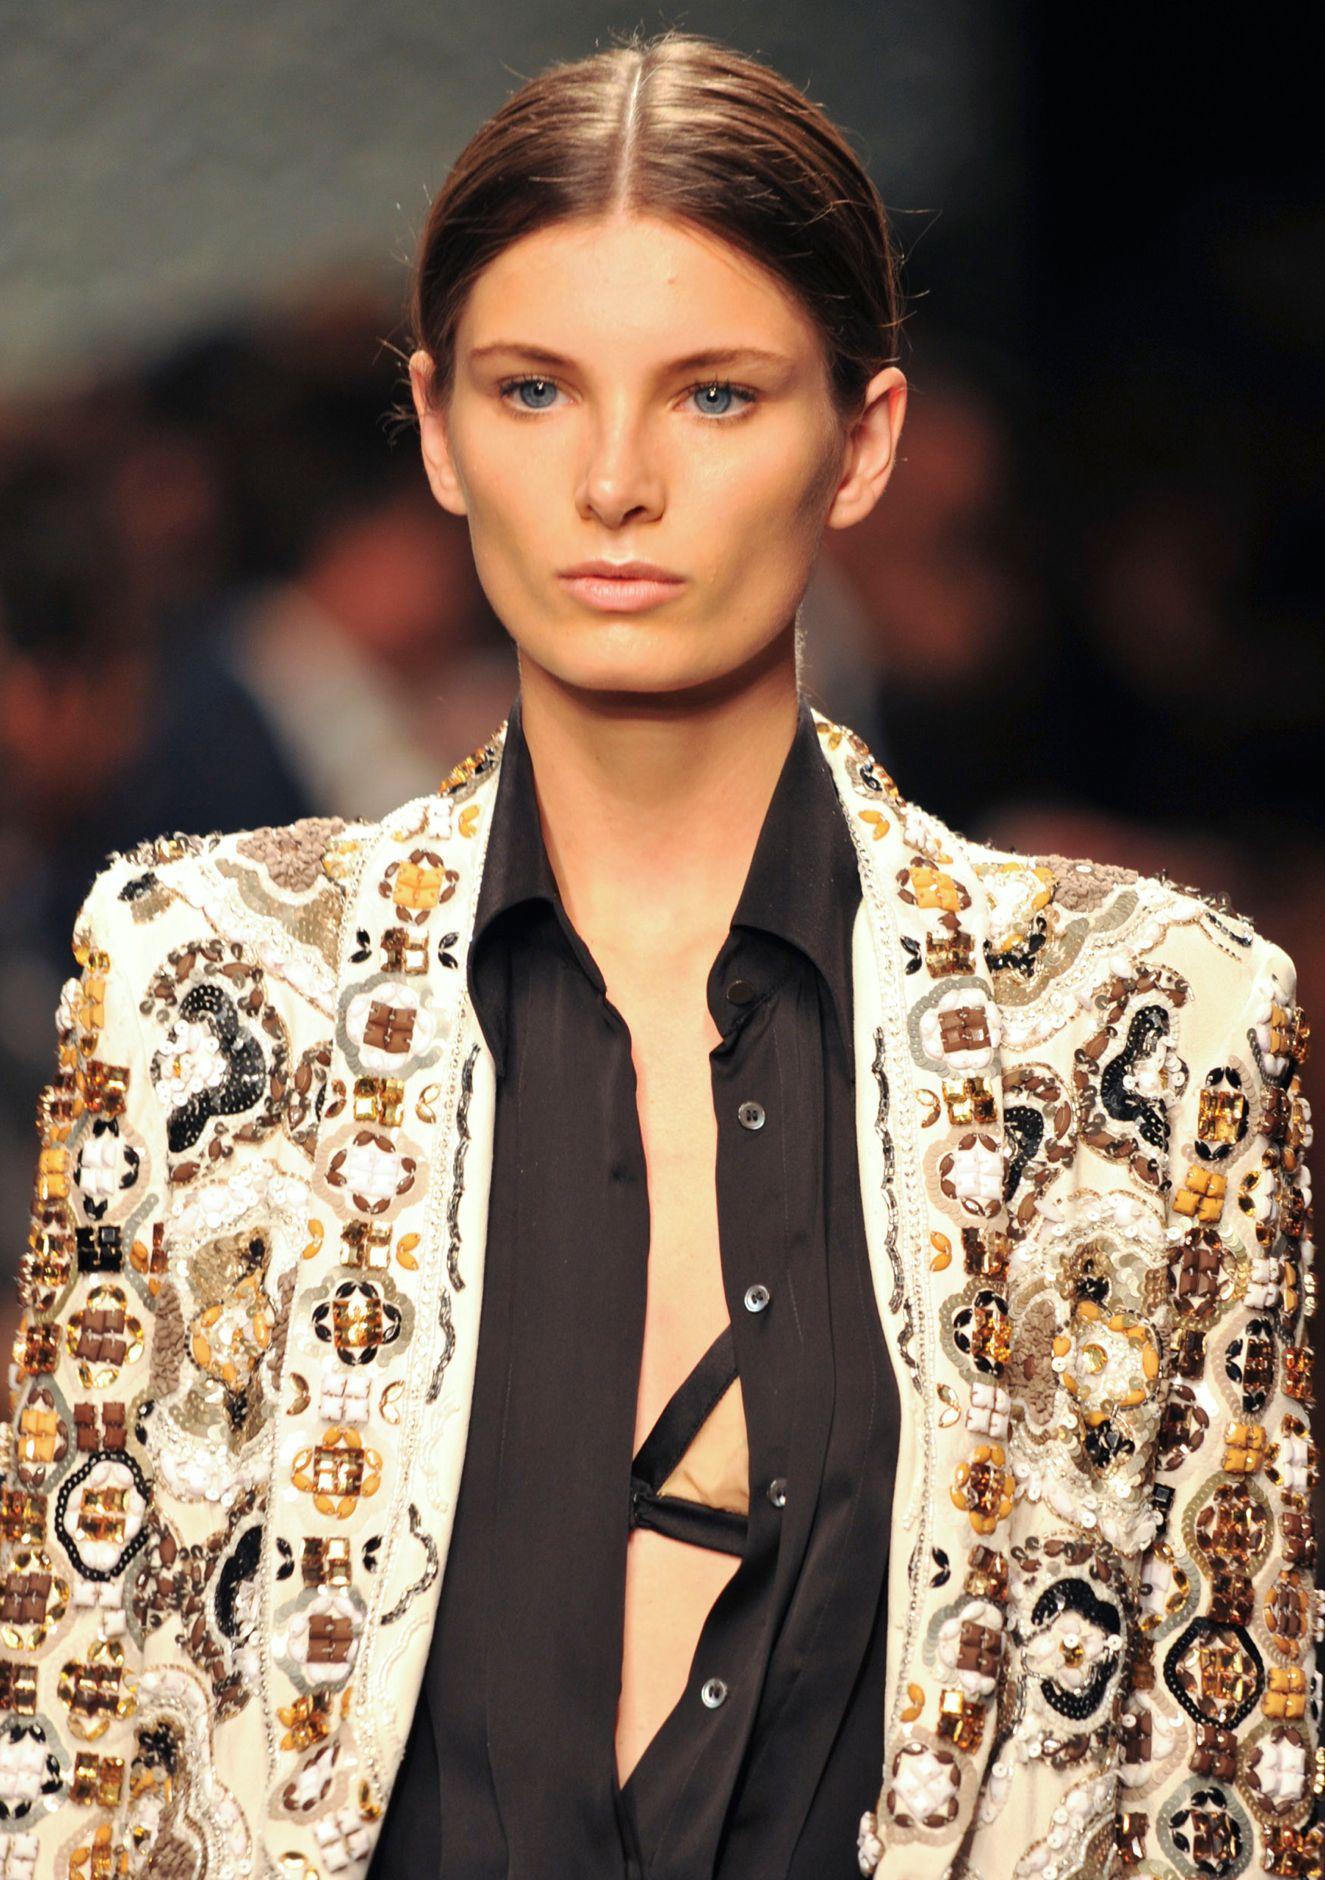 Iceberg Fashion Show Spring 2013 Milan Fashion Week